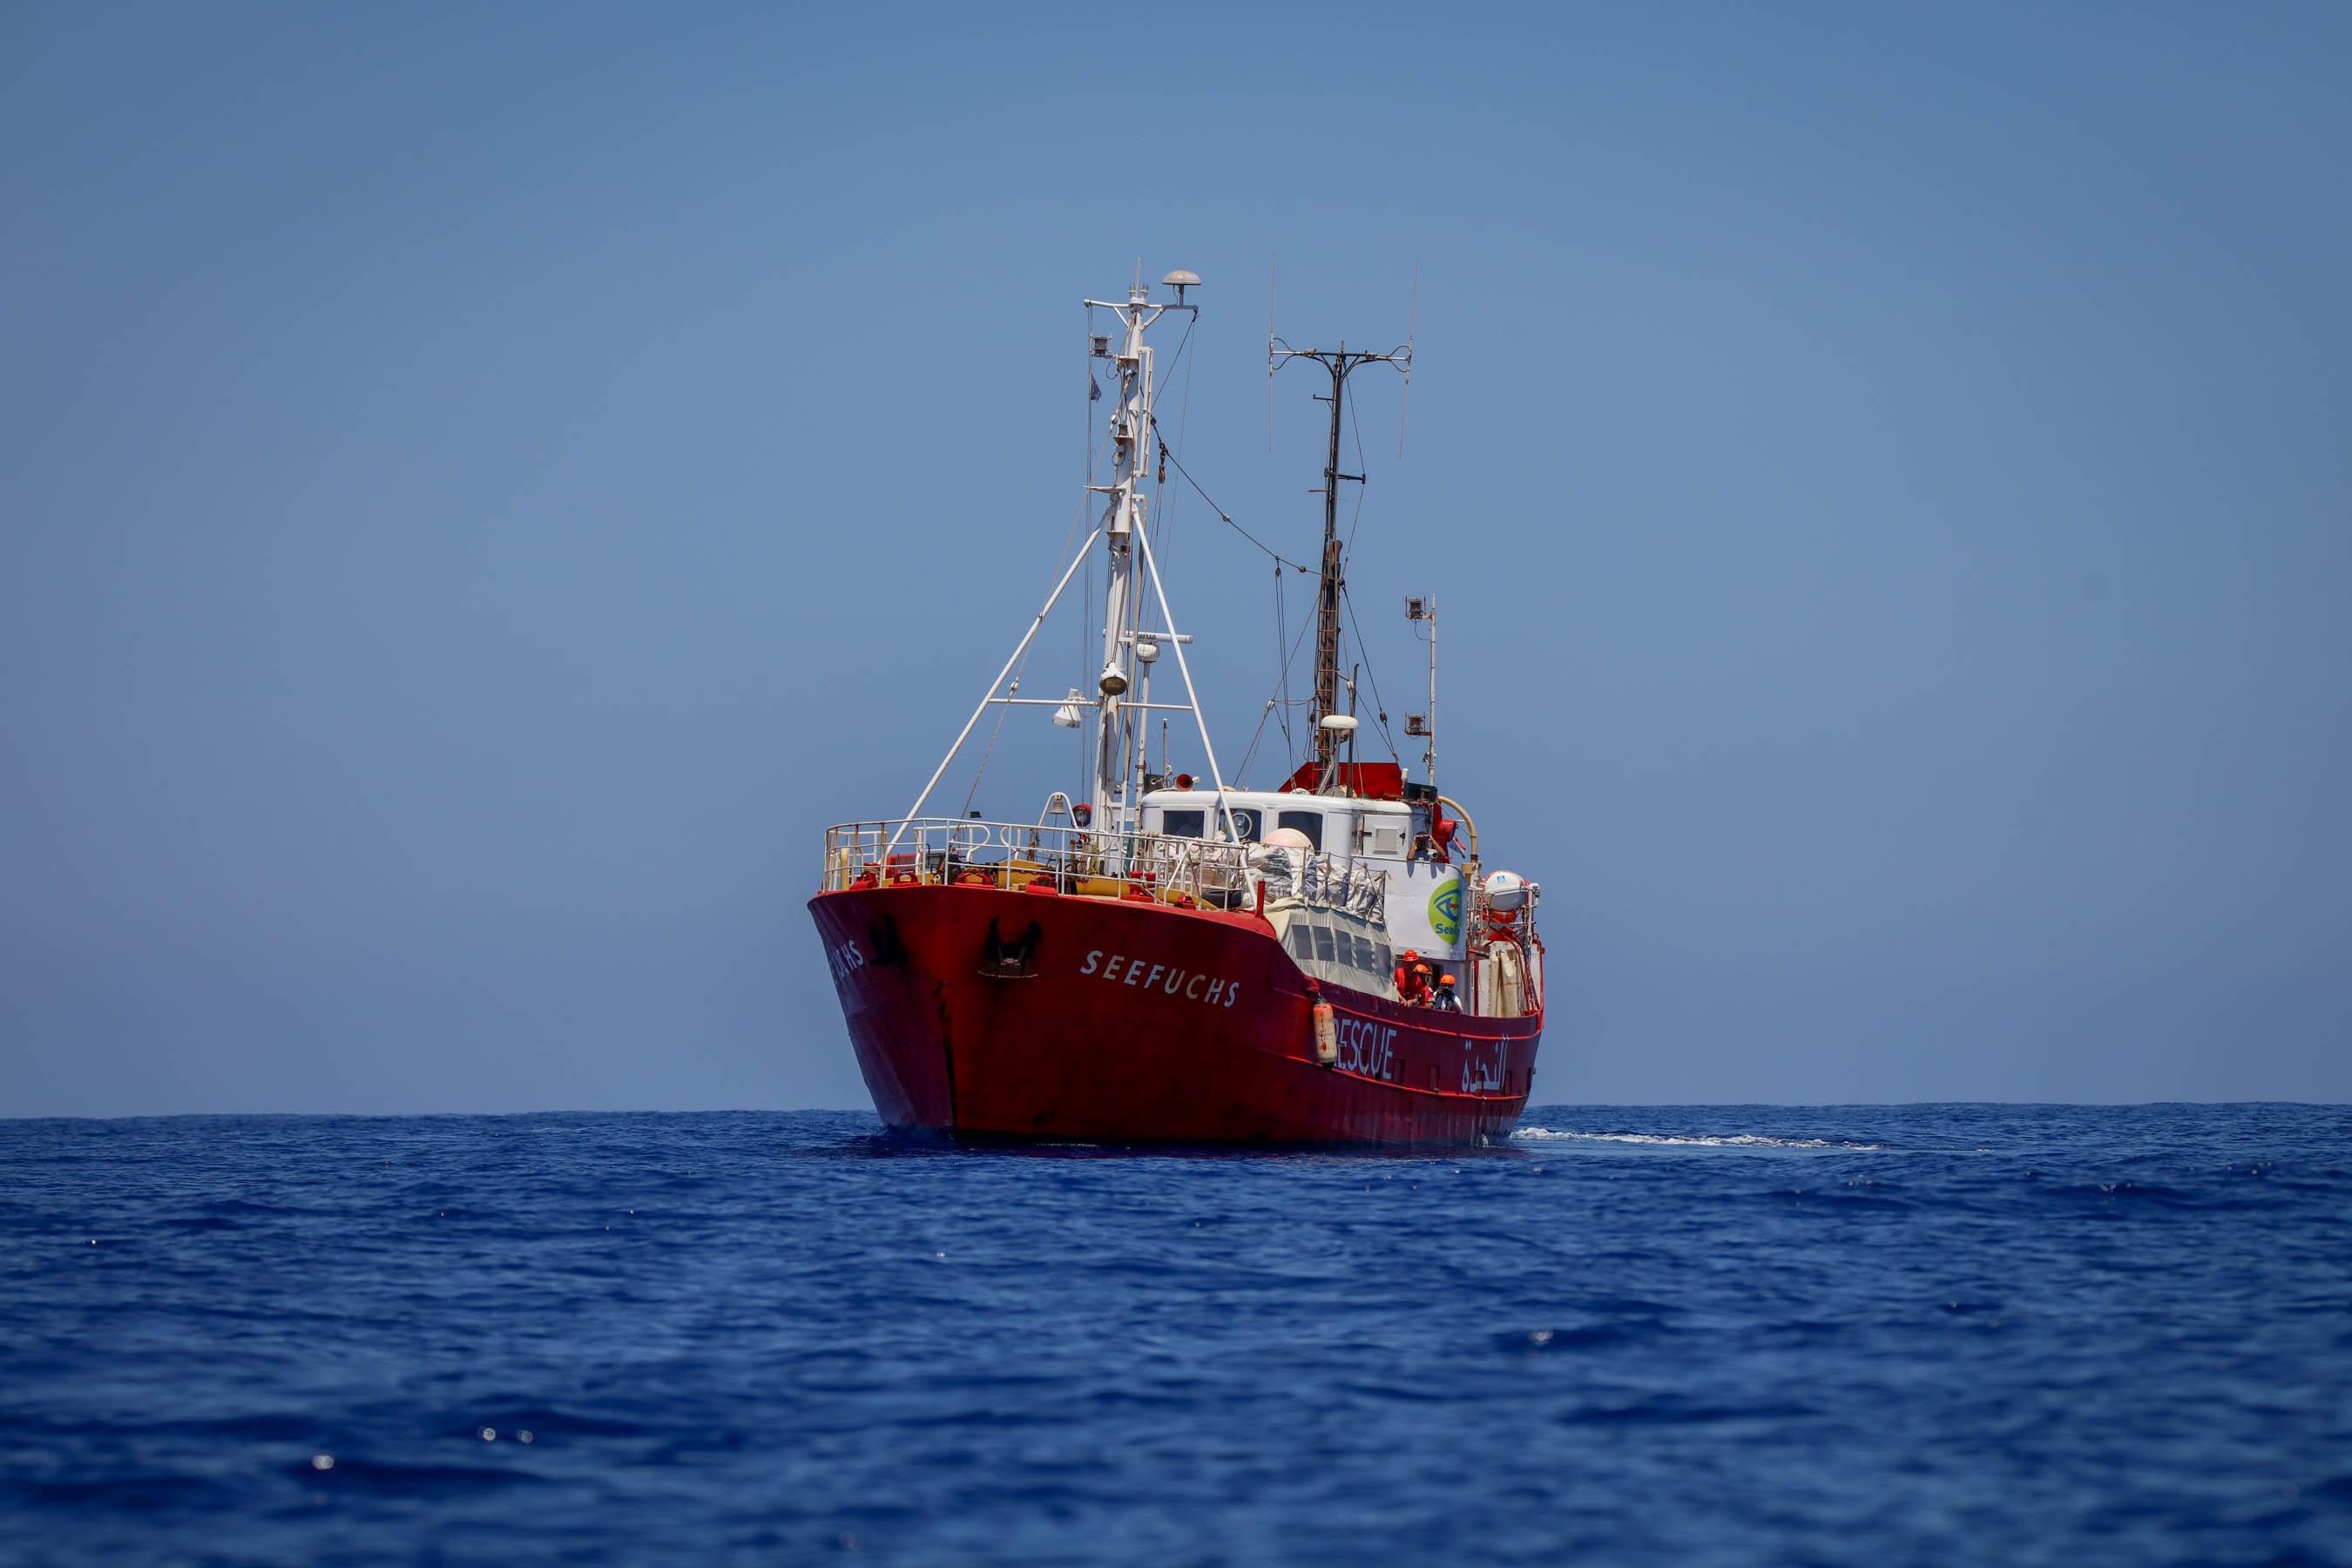 Seefuchs im Mittelmeer